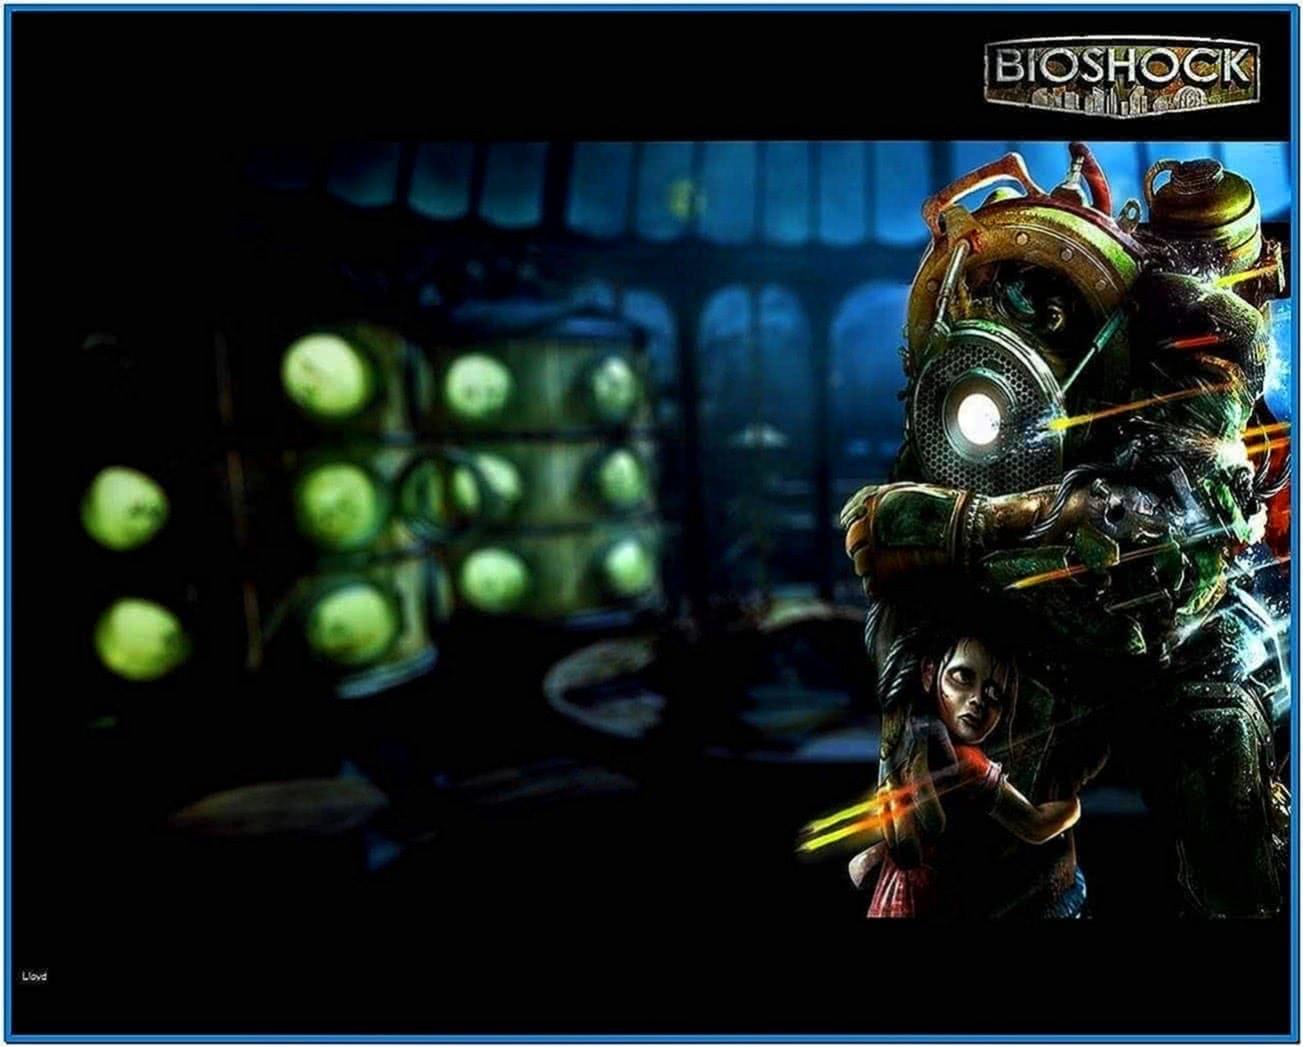 Bioshock Screensaver Mac